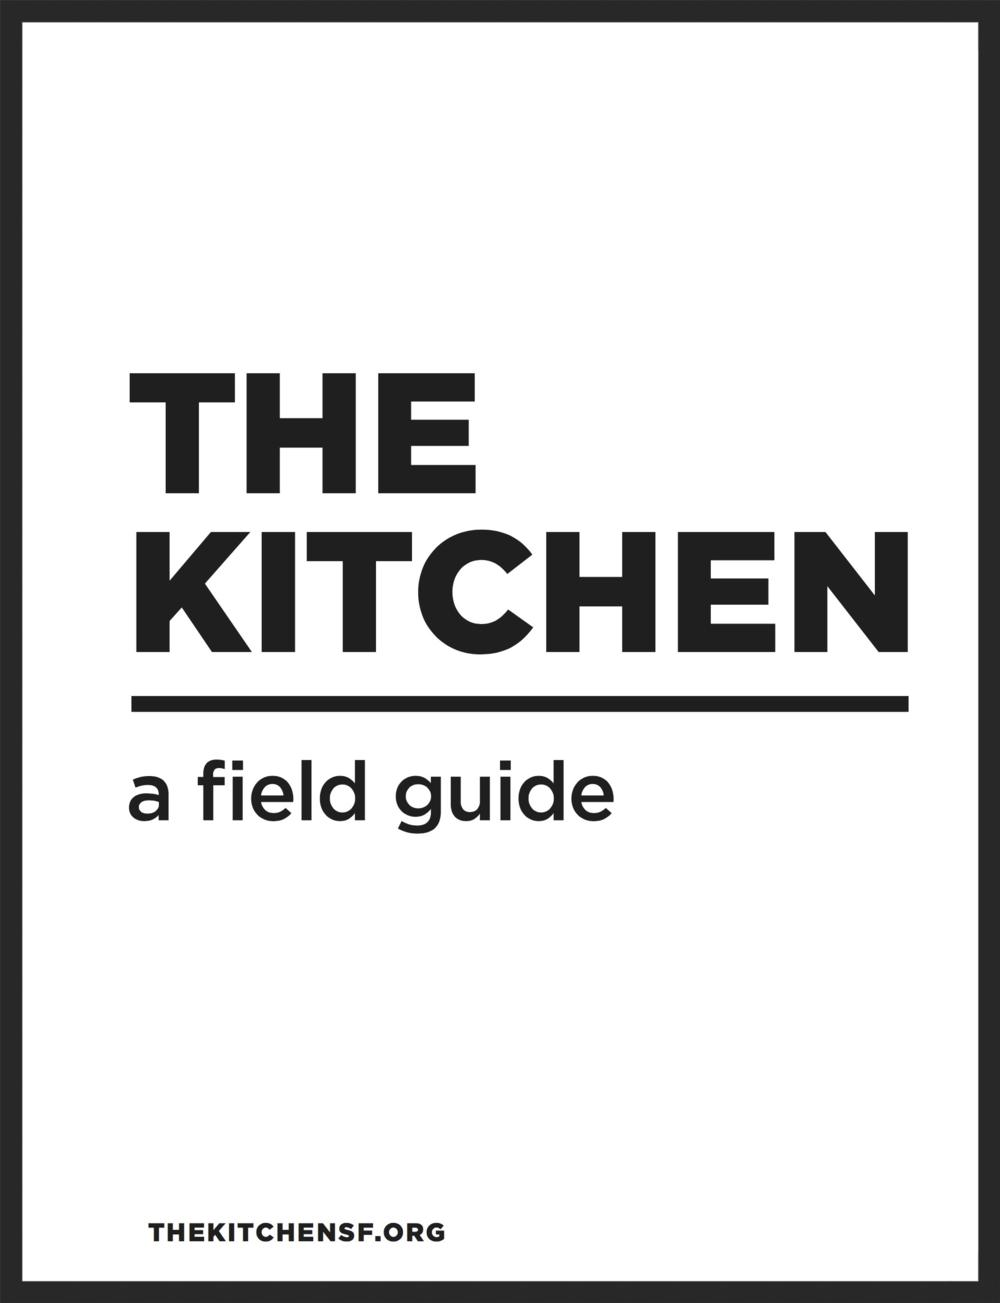 Field Guide (1).jpg